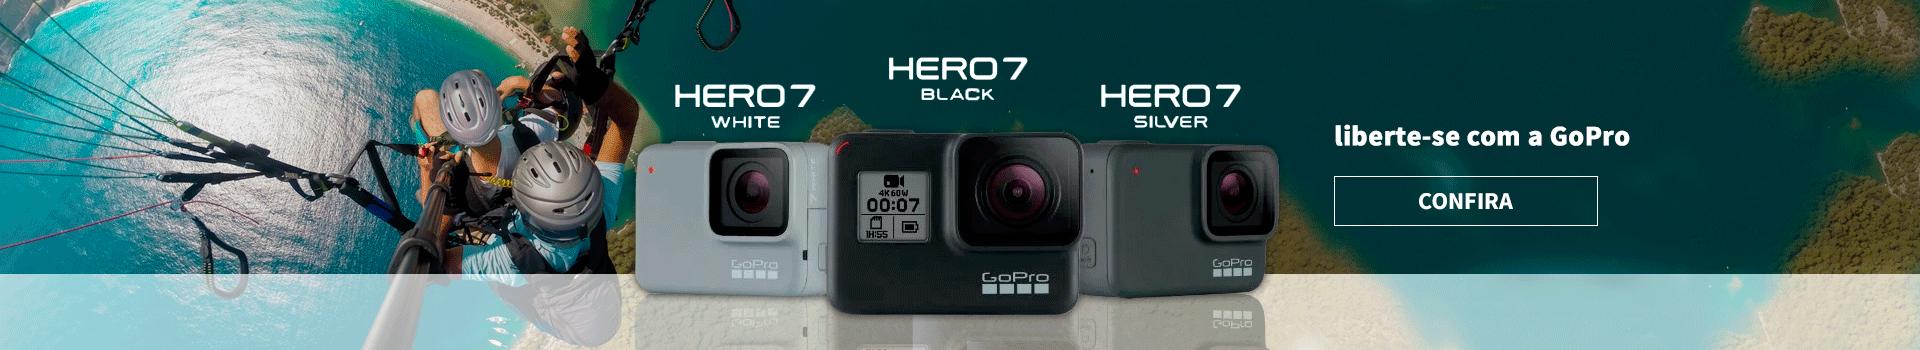 Banner GoProHero7